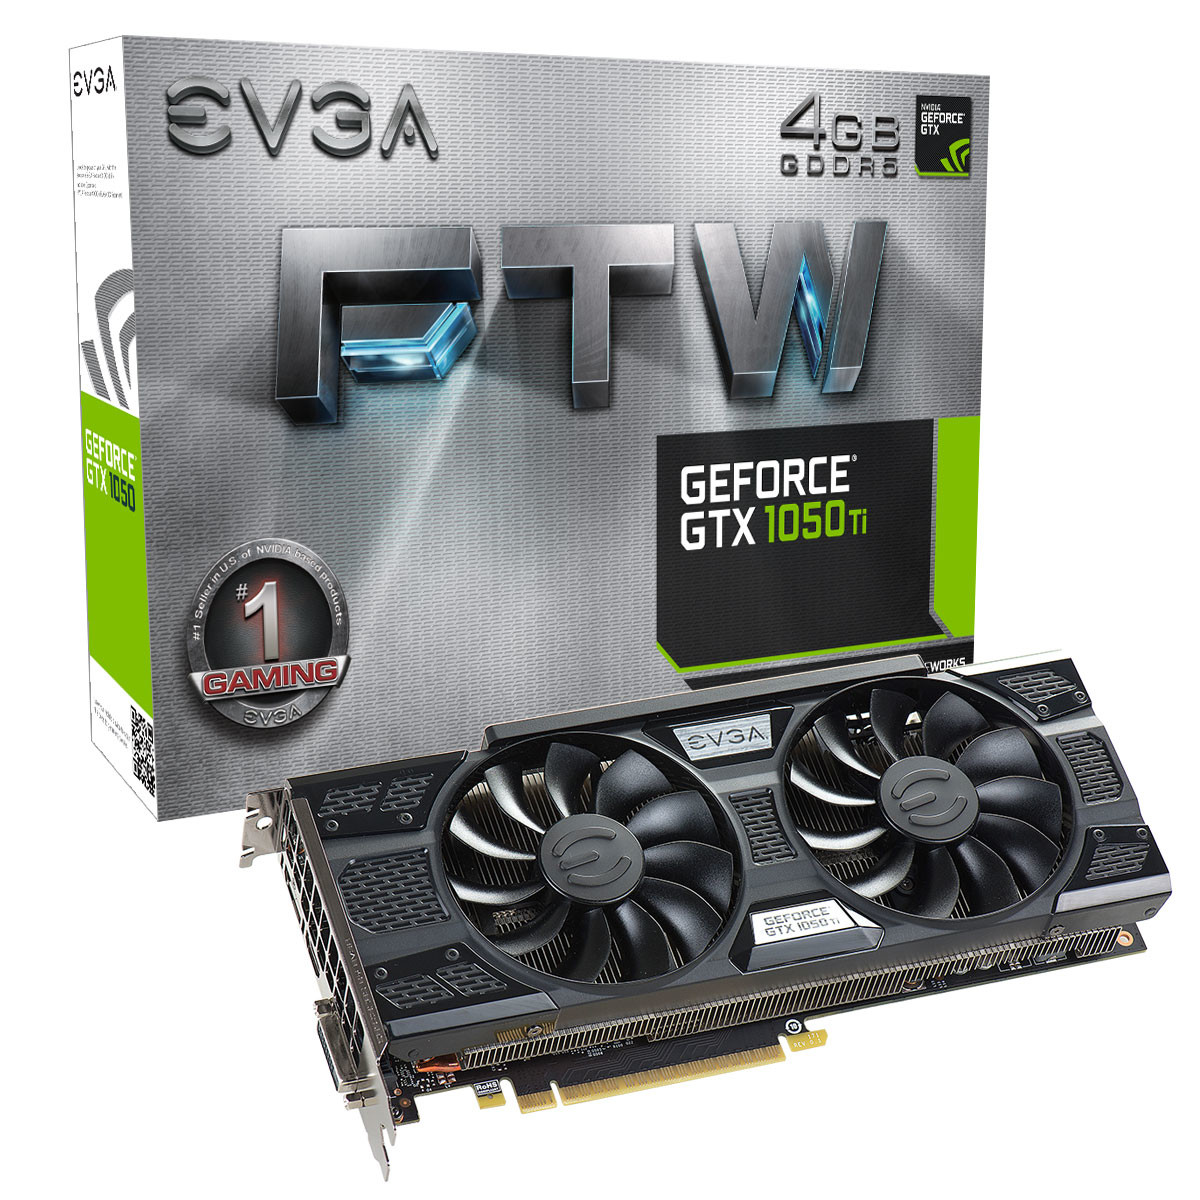 Nvidia GTX 1050 / GTX 1050Ti